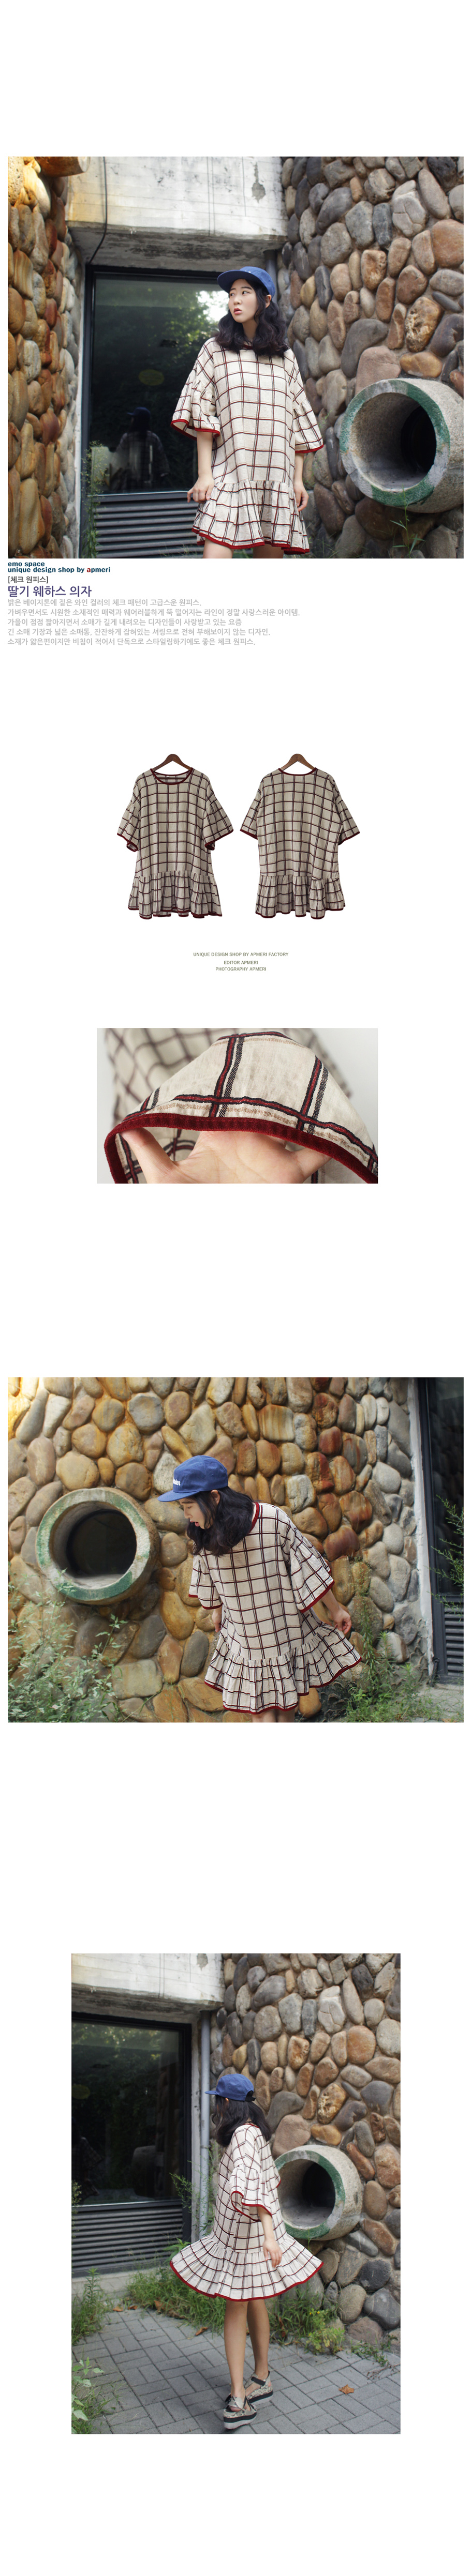 체크 원피스n019 - 앞머리, 41,500원, 원피스, 캐쥬얼/플레어원피스